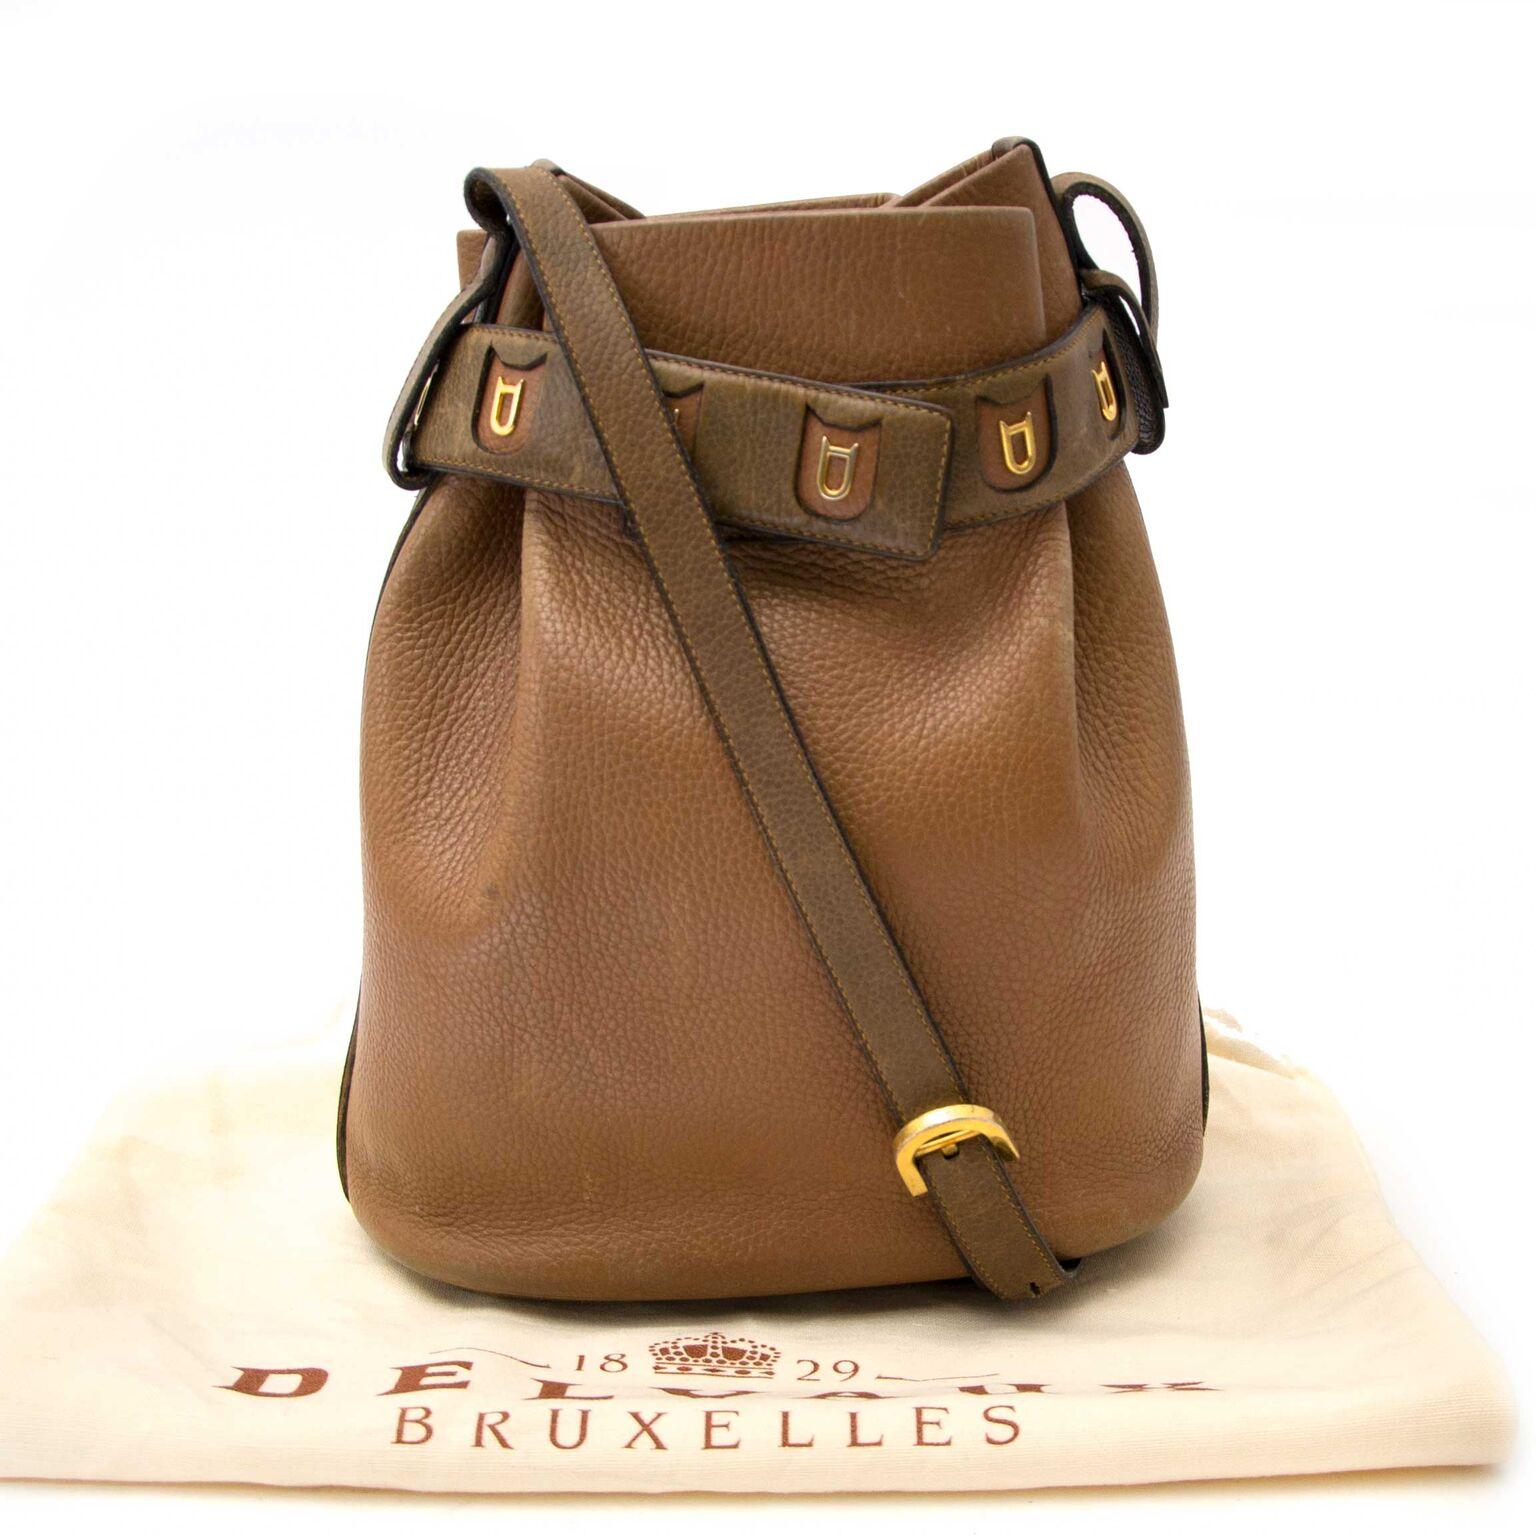 Buy a beautiful Delvaux handbag sur Labellov.com